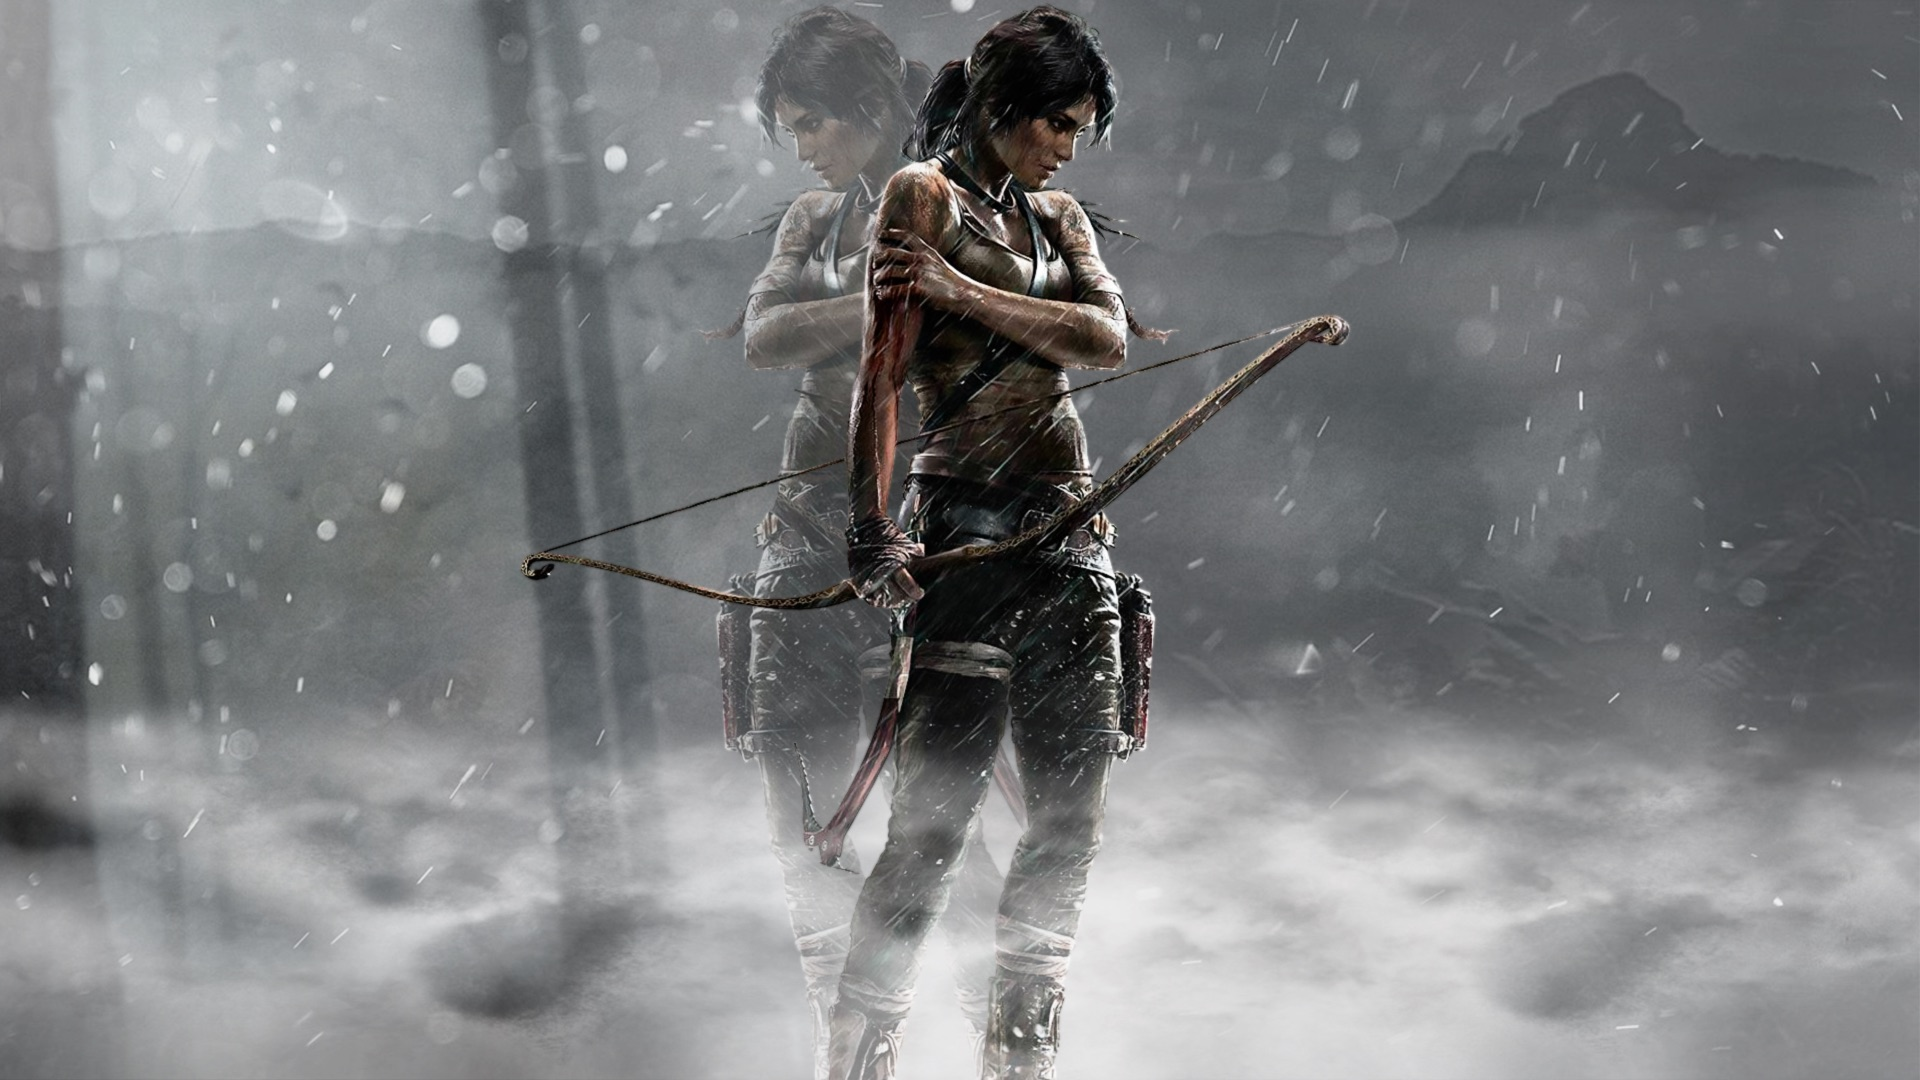 Игры, похожие на Томб Райдер (Tomb Raider) на ПК и консолях